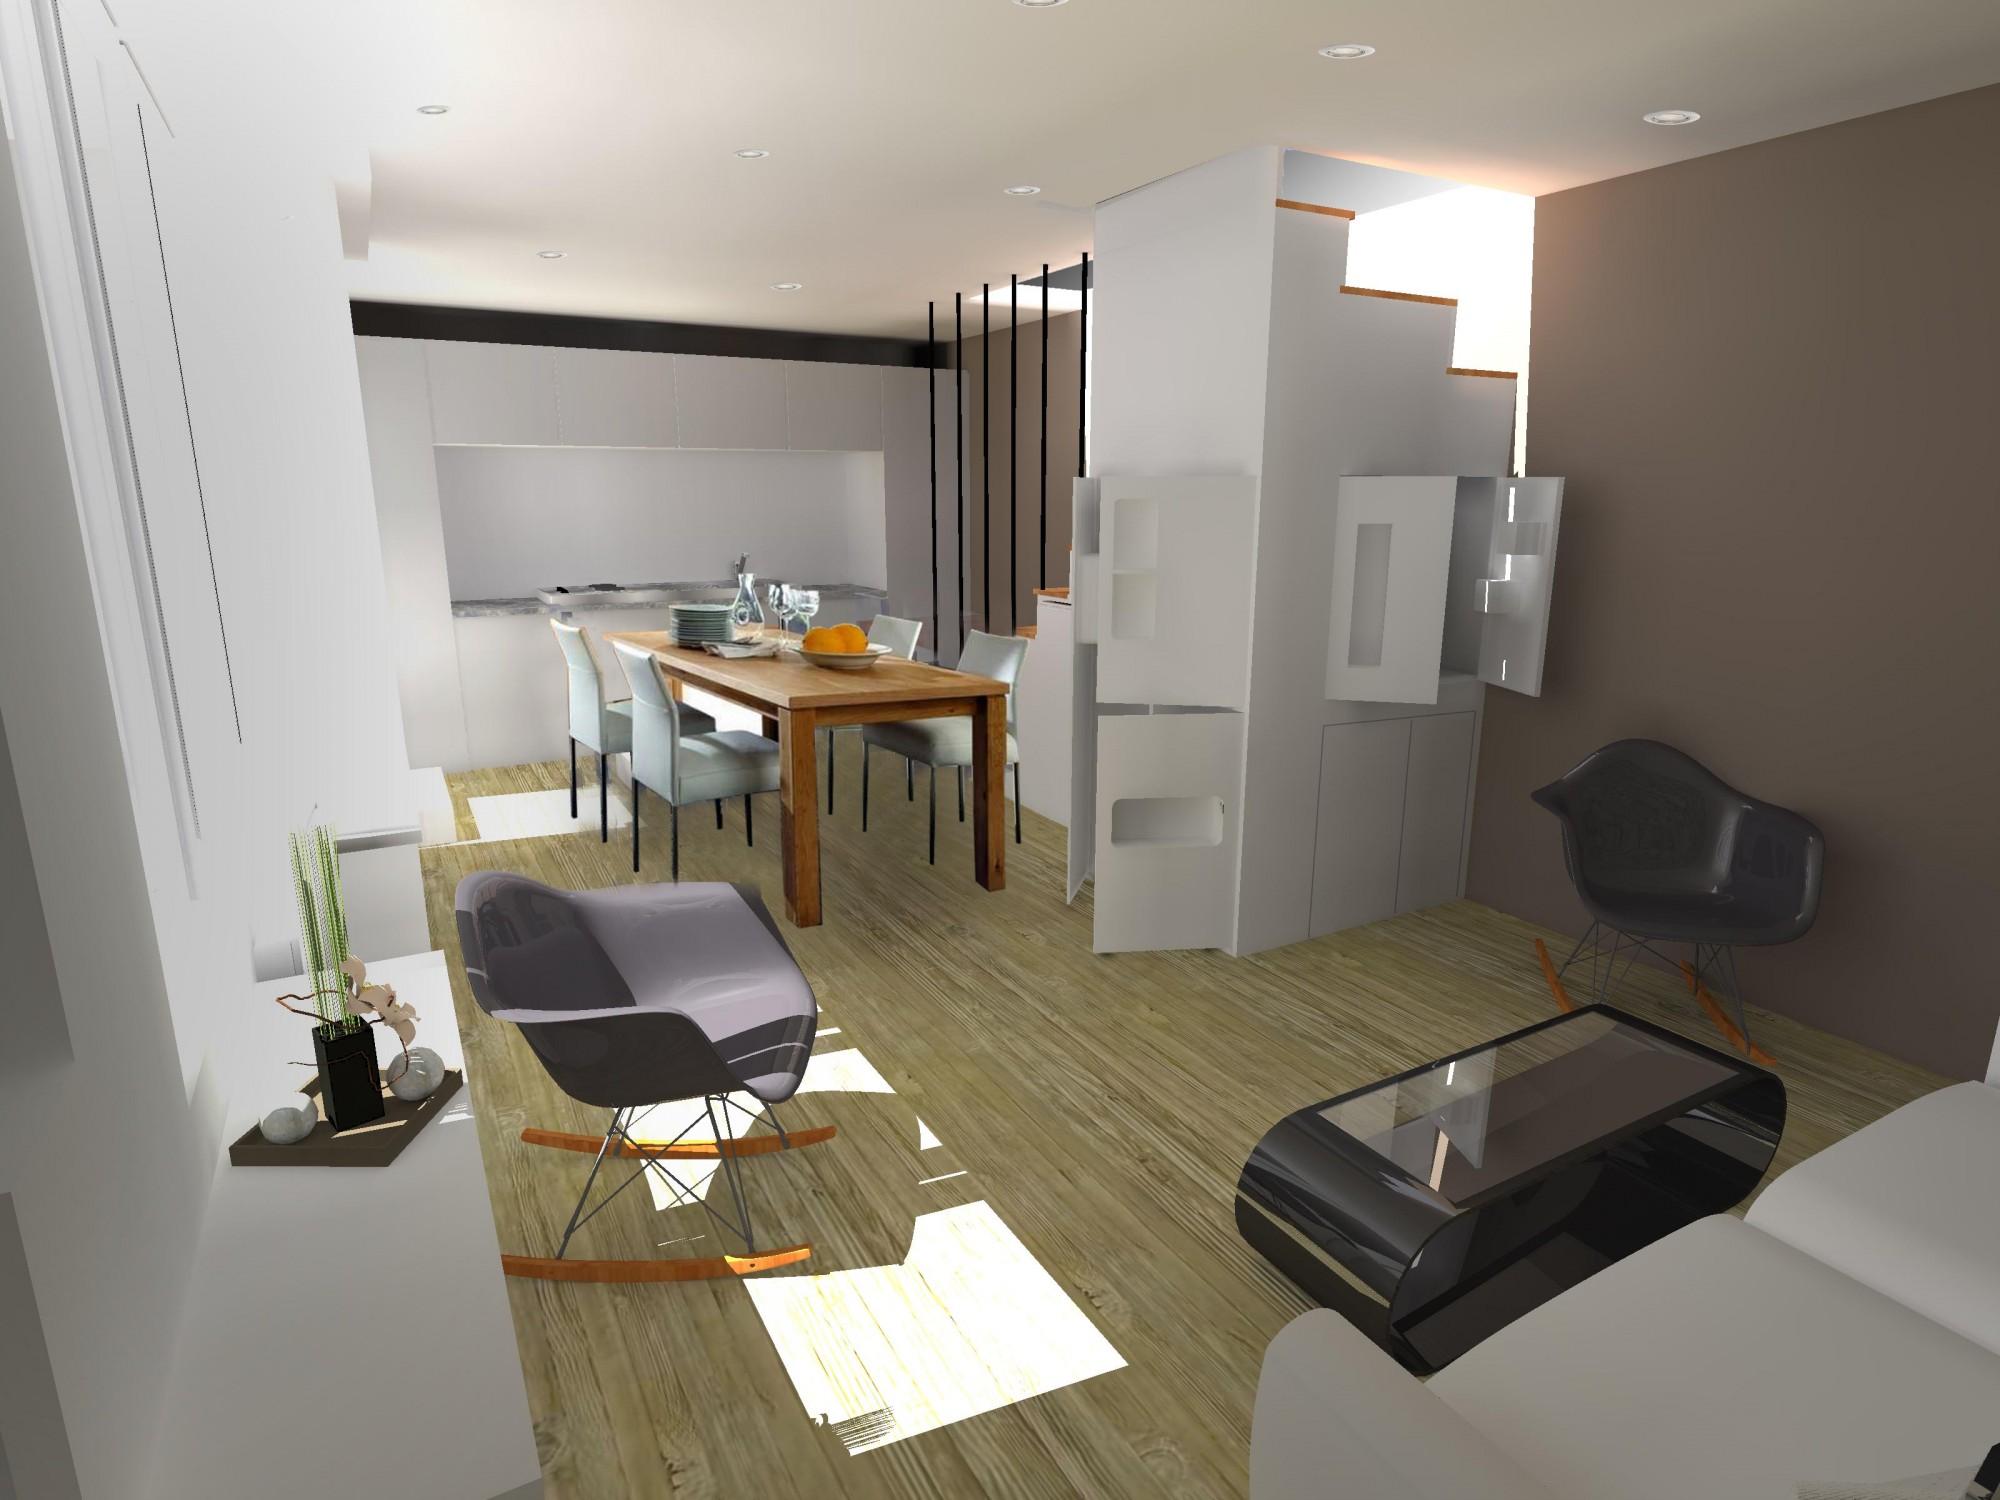 Escalier appartement banques de pierre grise escalier - Appartement duplex alvhem makleri goteborg ...